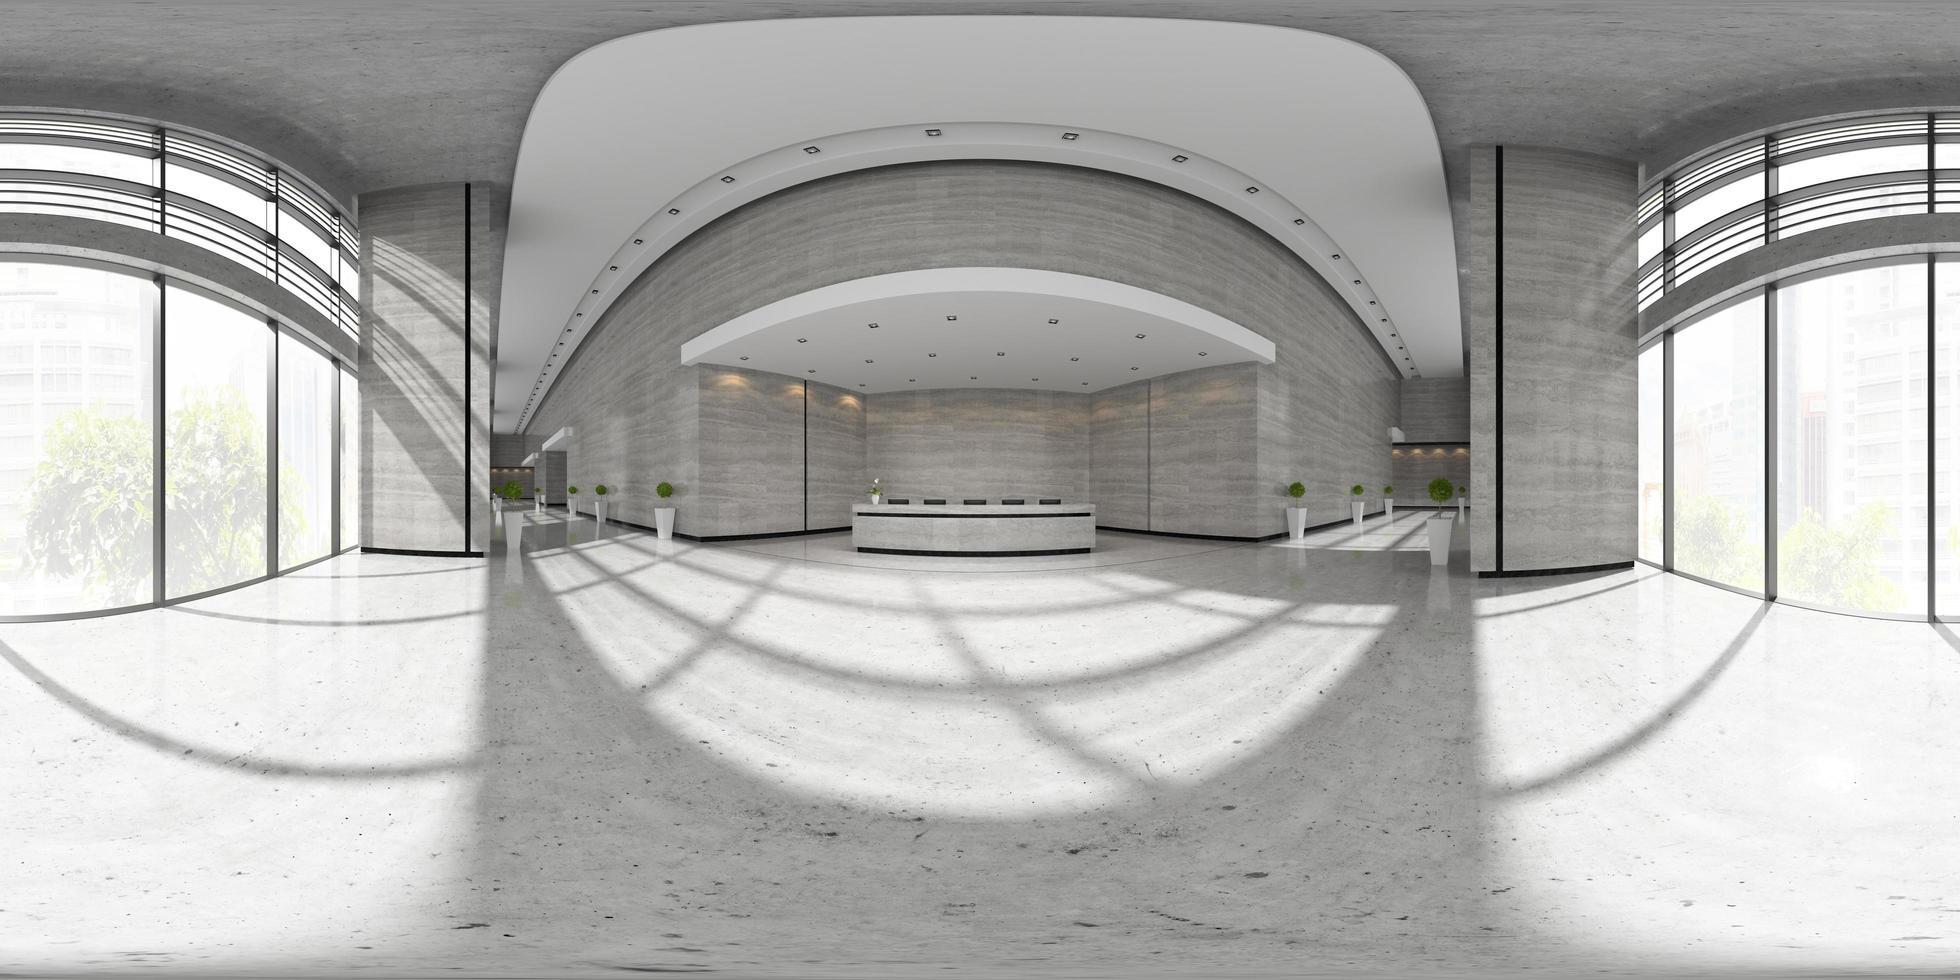 sphärische 360-Panorama-Projektion eines Innenraums eines Empfangsbereichs in der 3D-Illustration foto